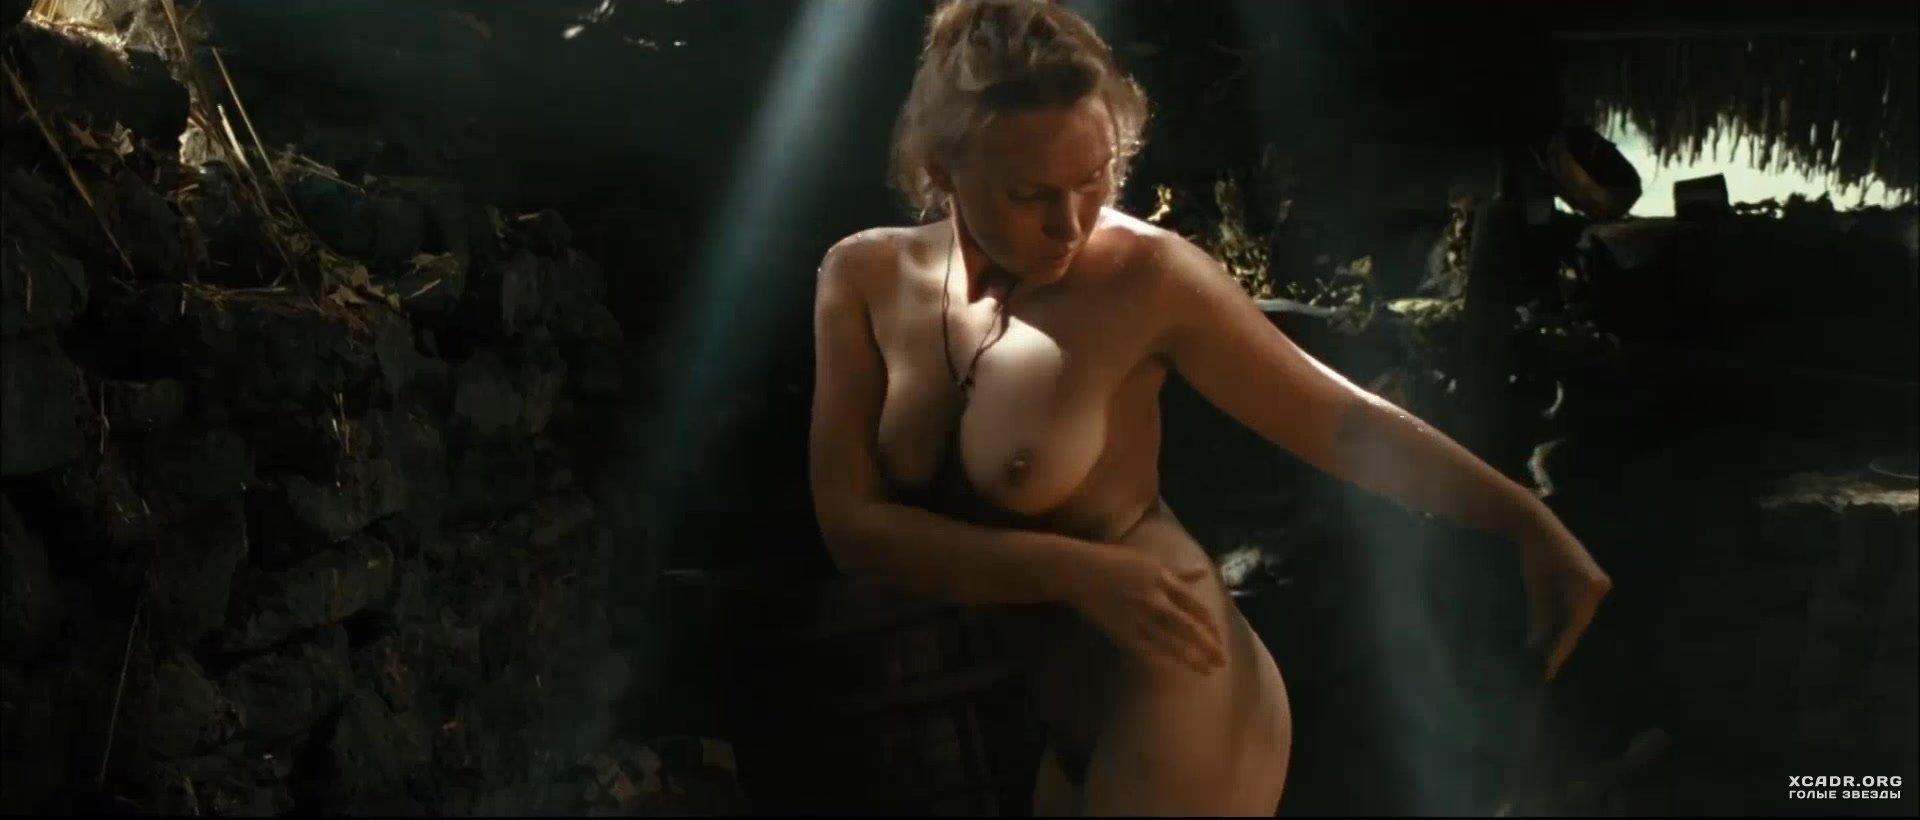 этот порно даша мороз ней